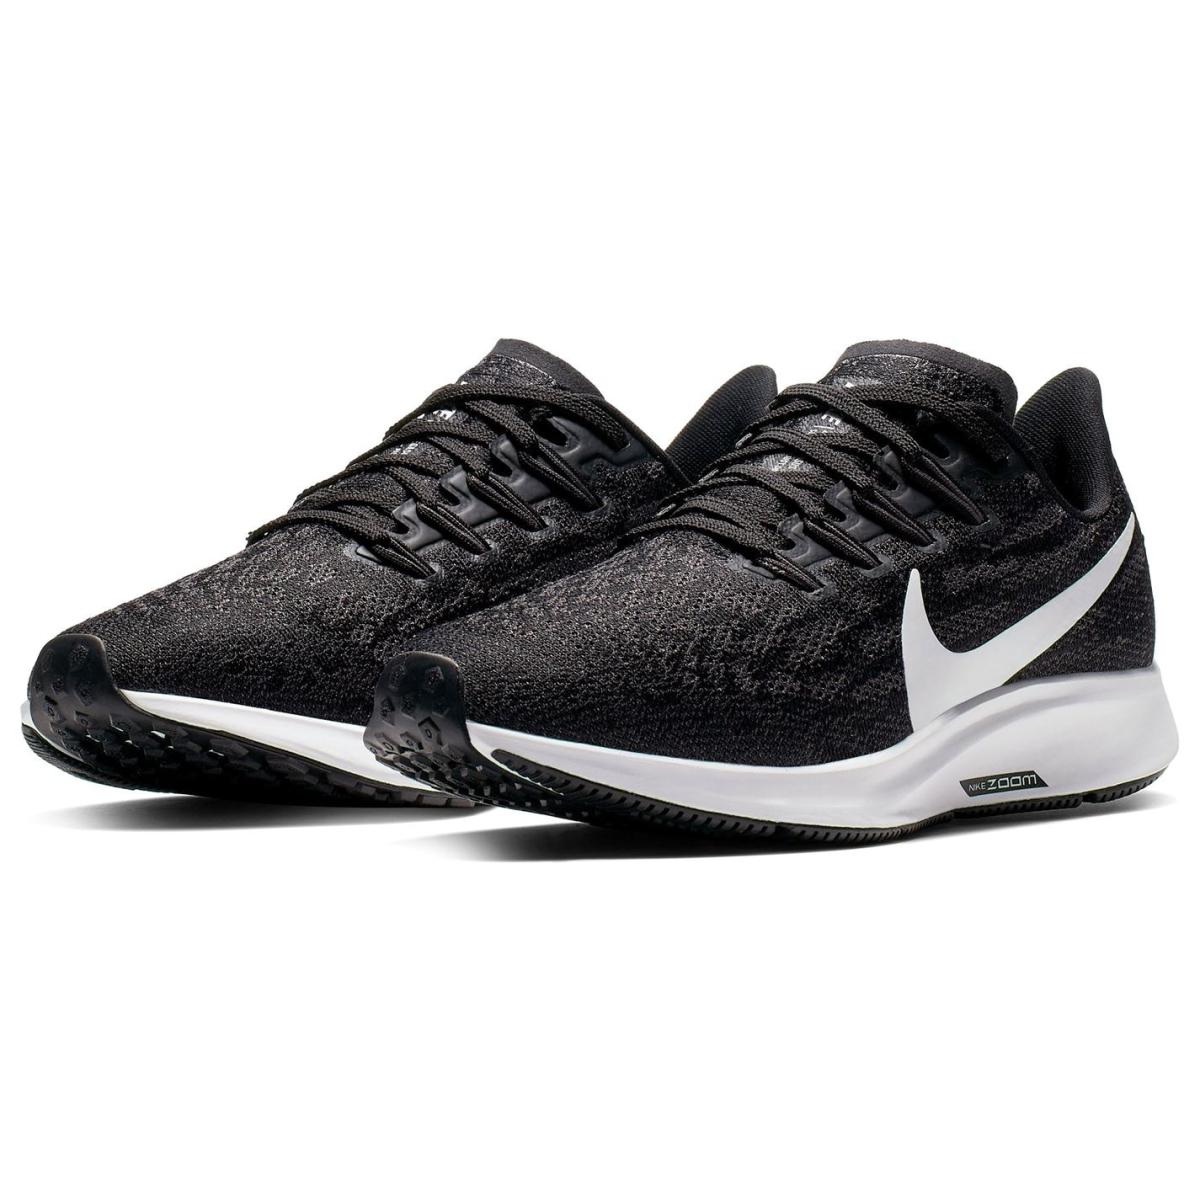 Nike Air Zoom Pegasus 36 Laufschuhe Damen Sportschuhe Turnschuhe Jogging 4824